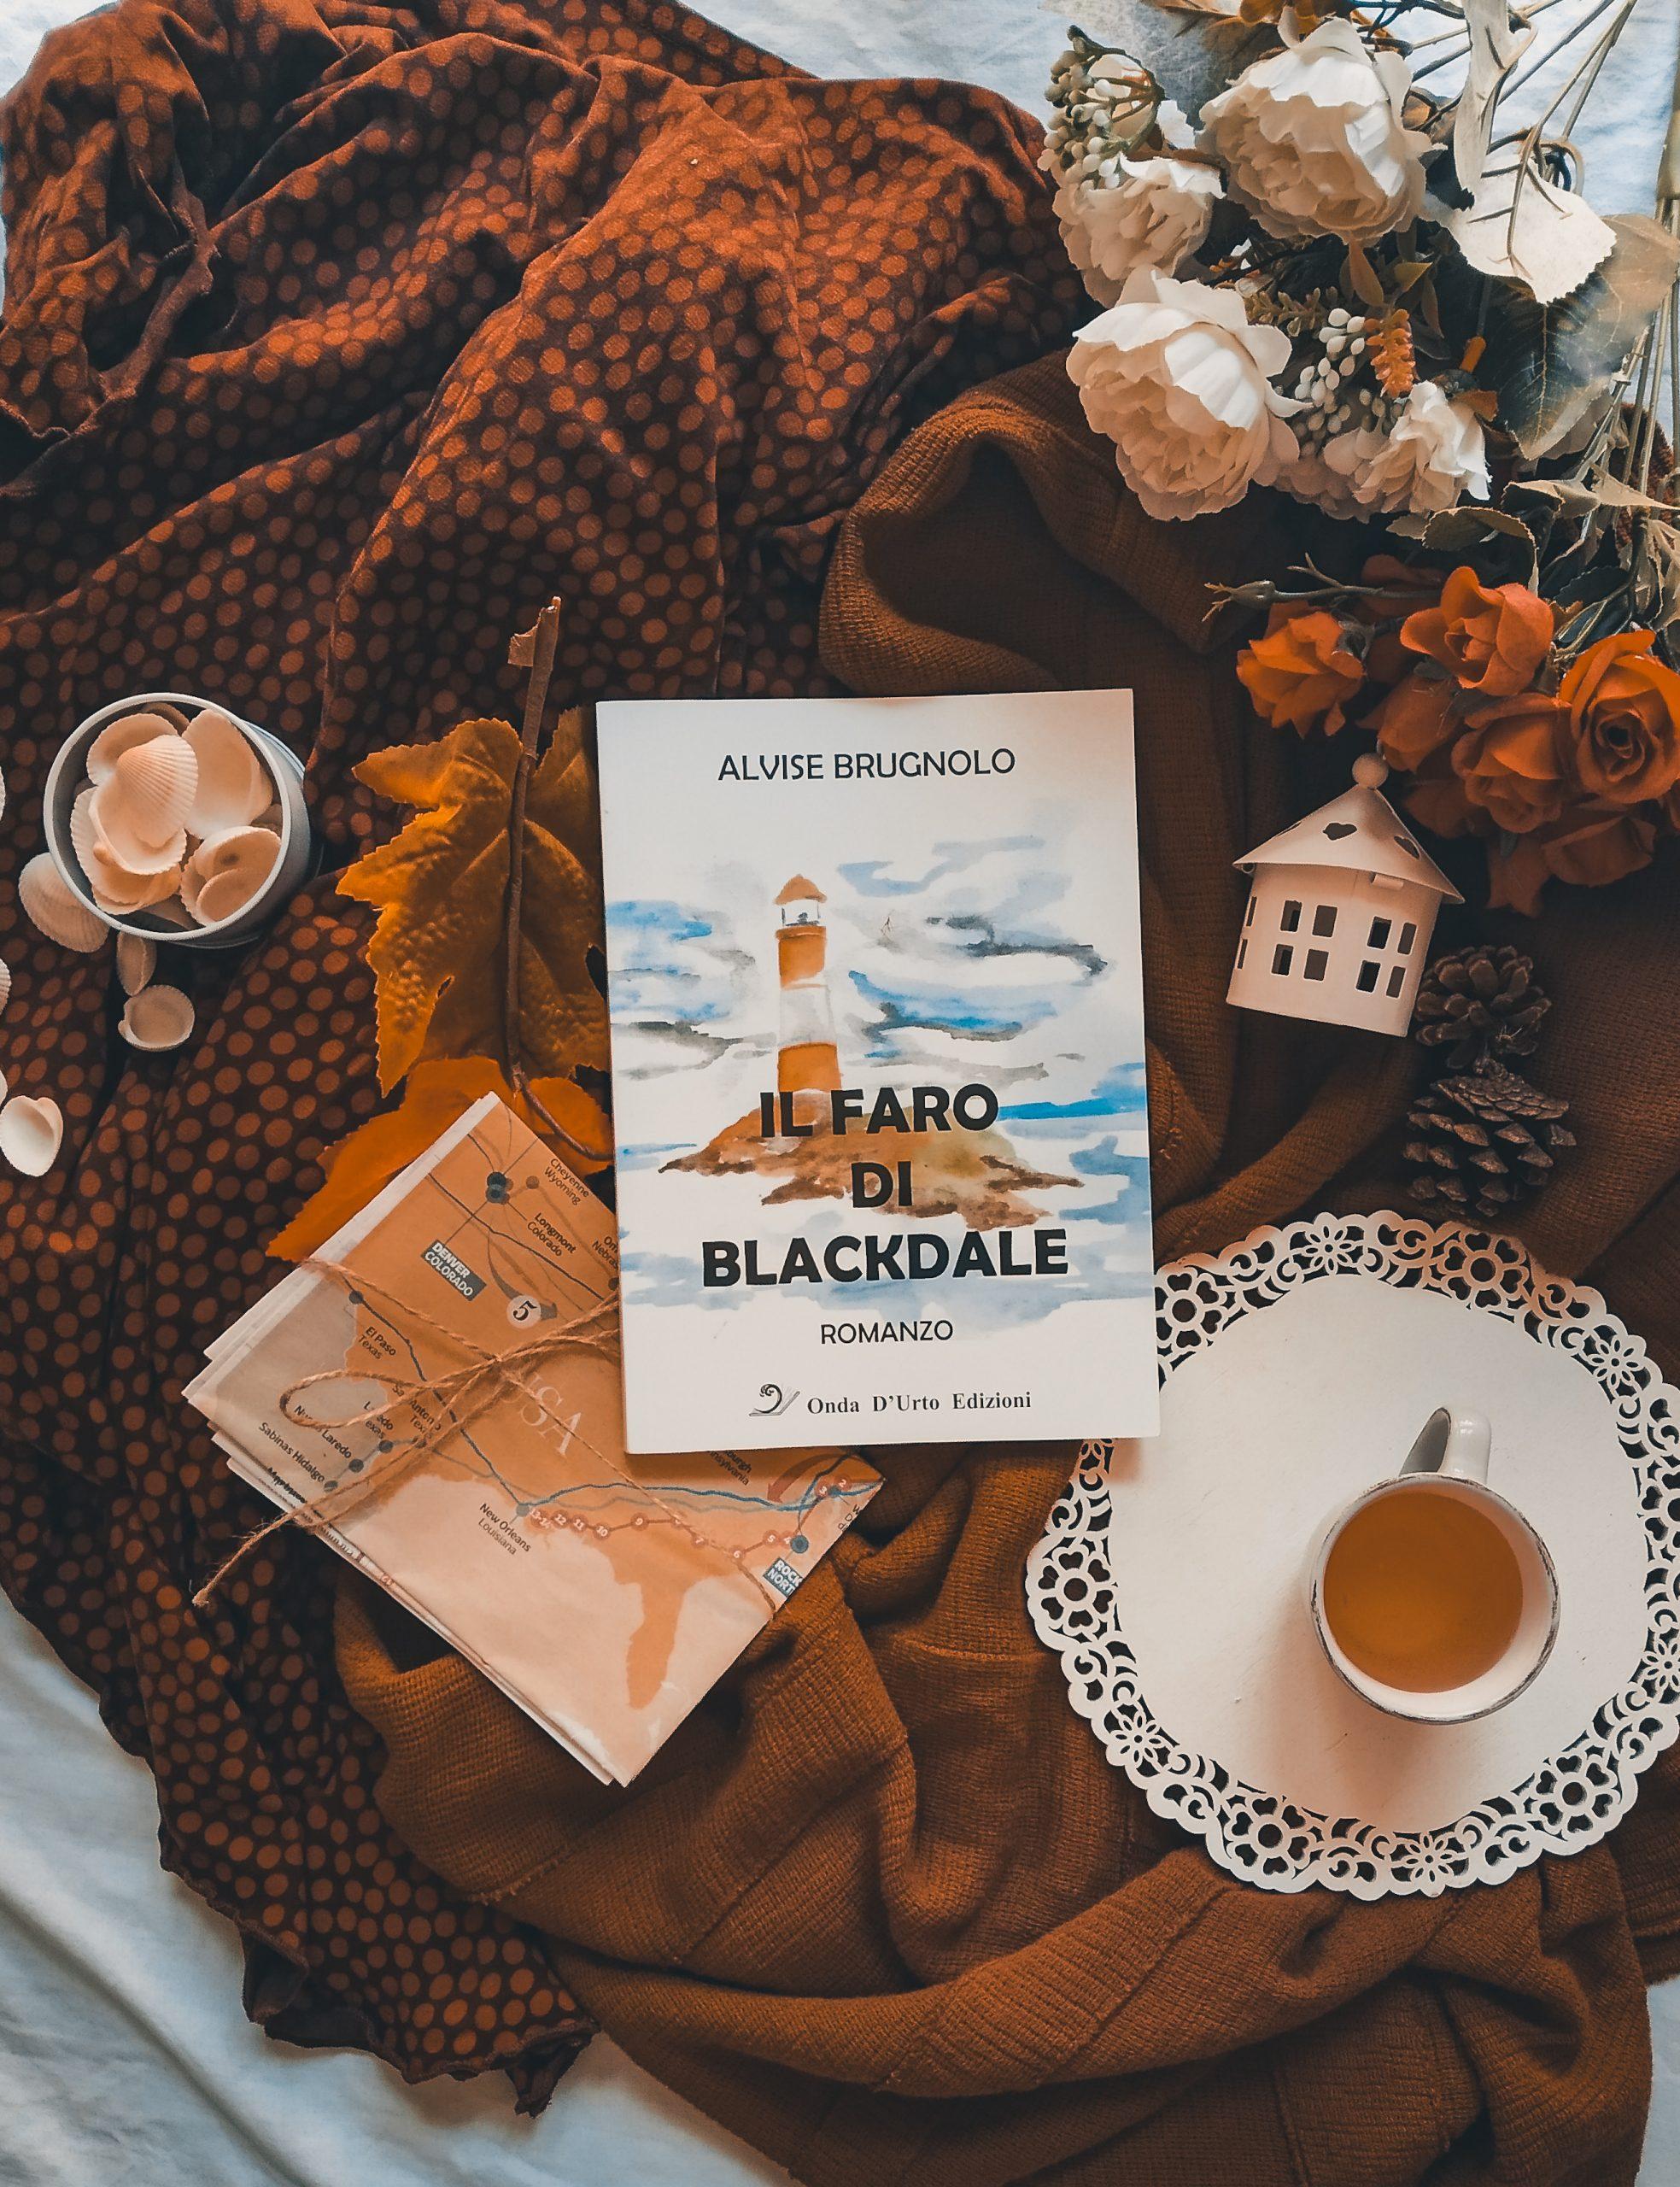 Il faro di Blackdale, Alvise Brugnolo – Recensione